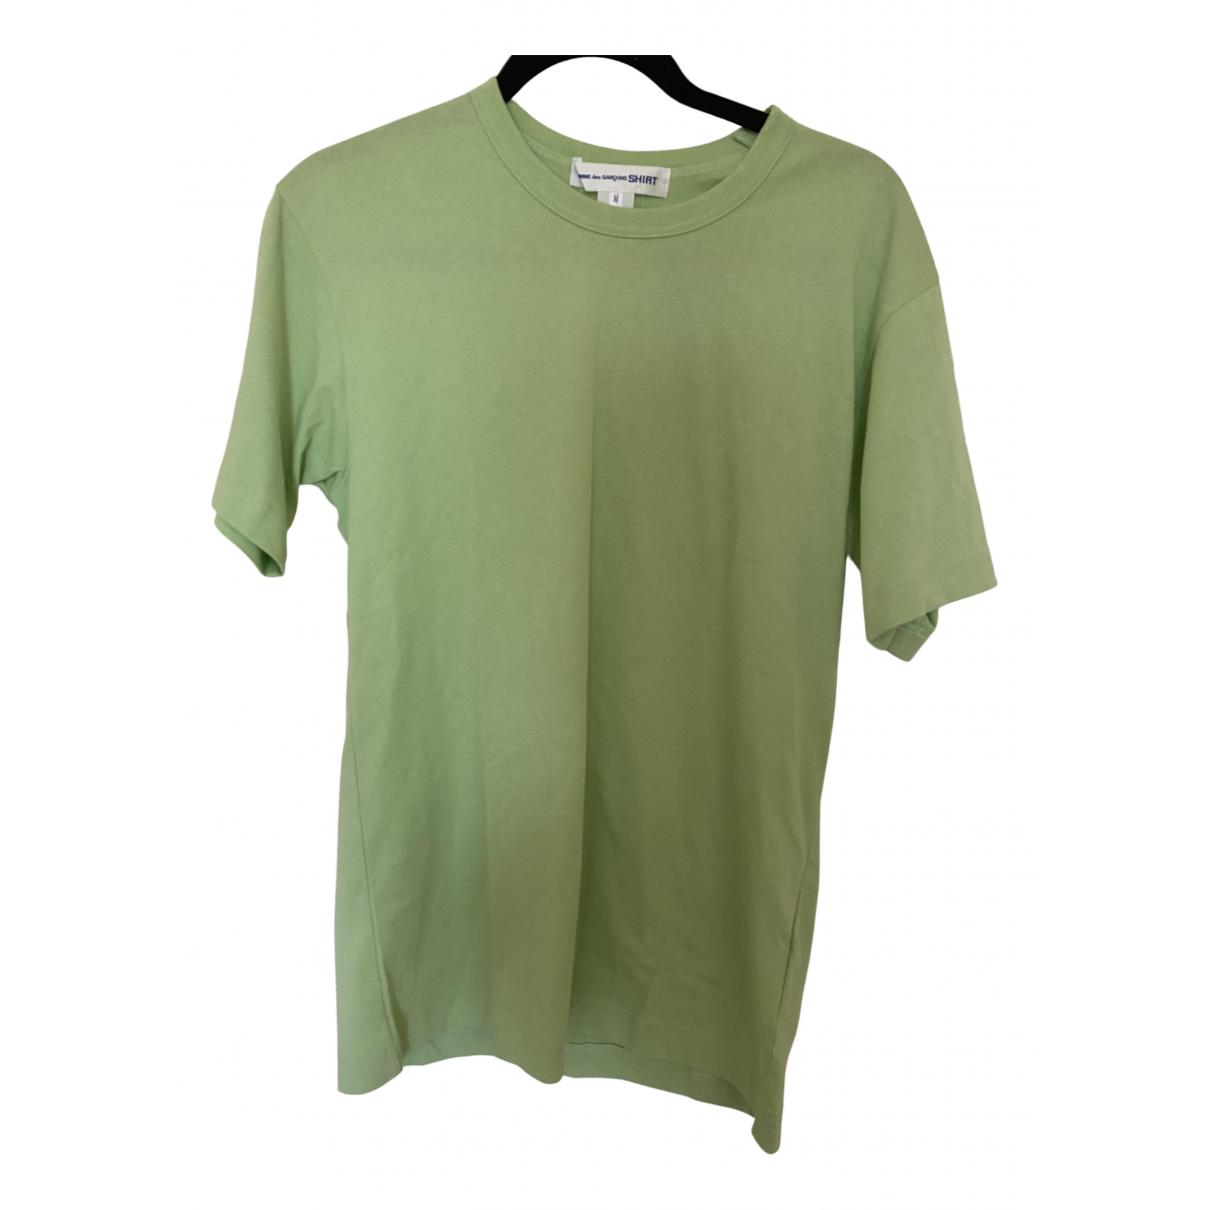 Comme Des Garcons - Tee shirts   pour homme en coton - vert